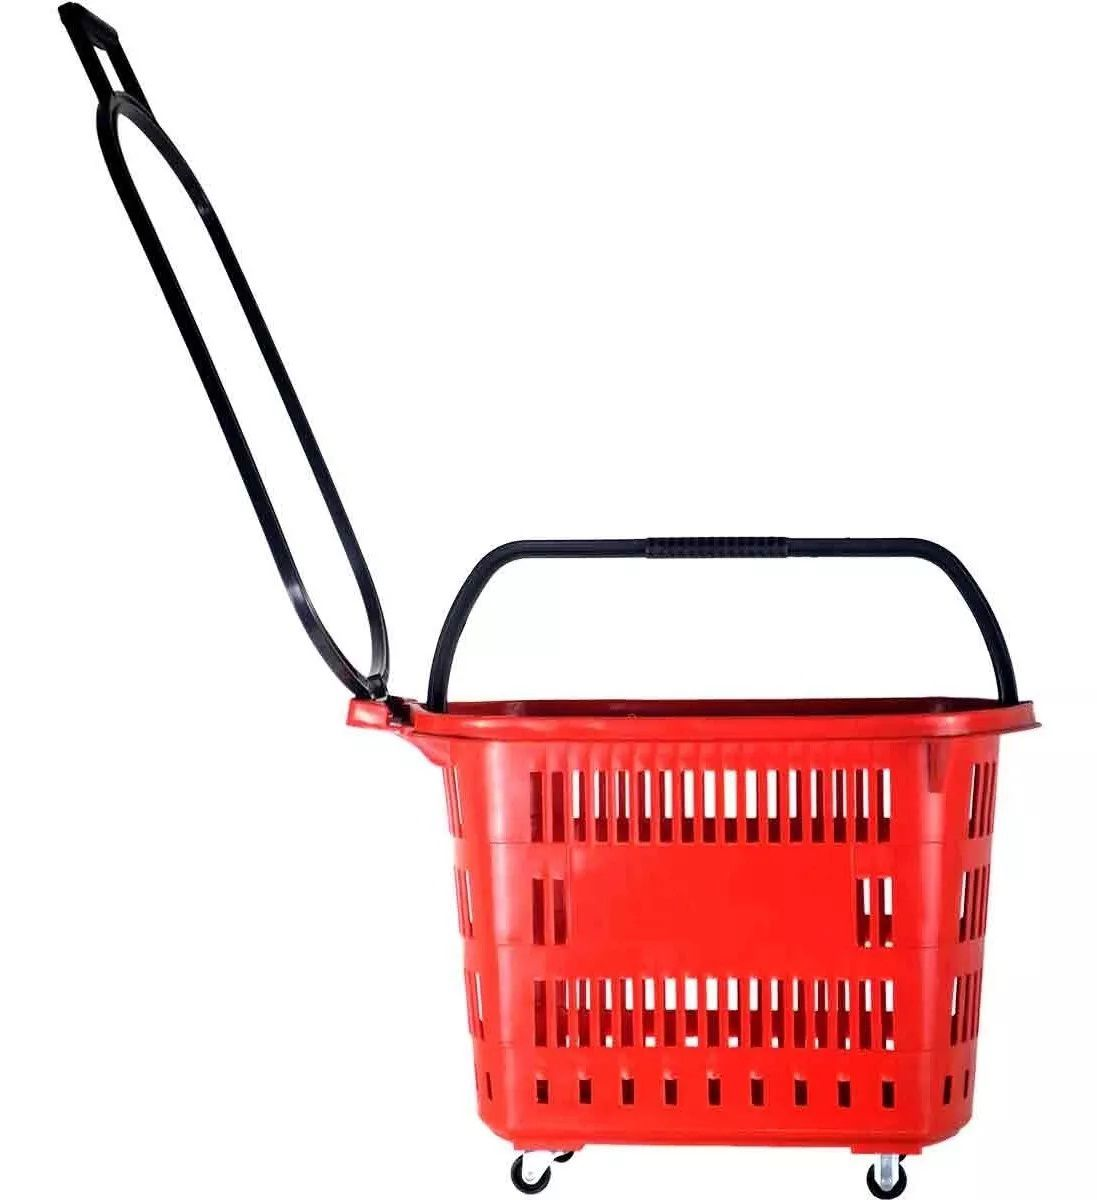 Cesta Plástica Para Mercados C/ Rodas Della Plast D-300 Vermelho 30 Litros